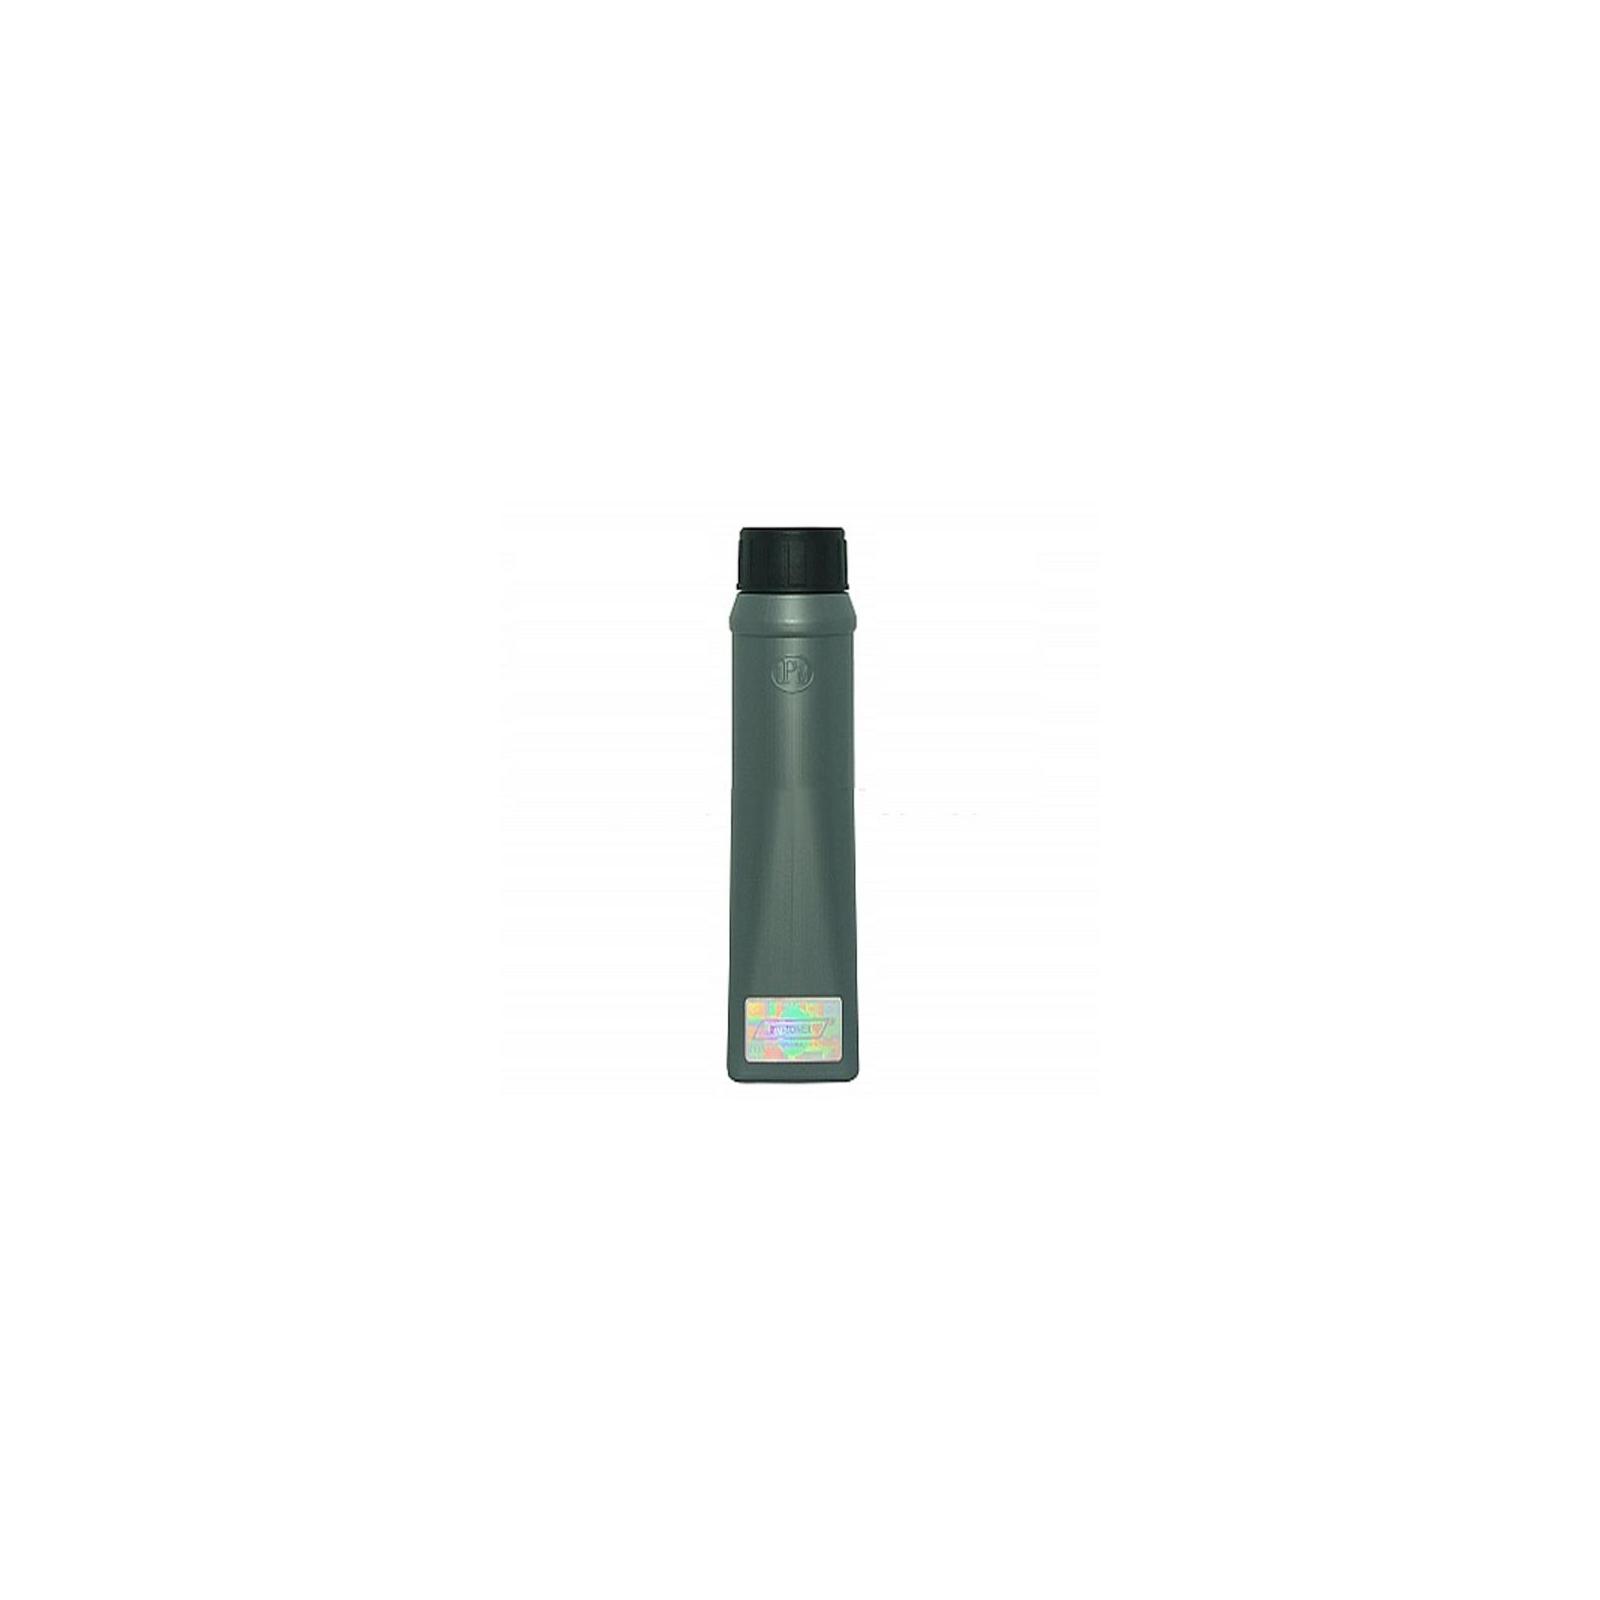 Тонер Kyocera TK-1150, 110г IPM (TSKM127)